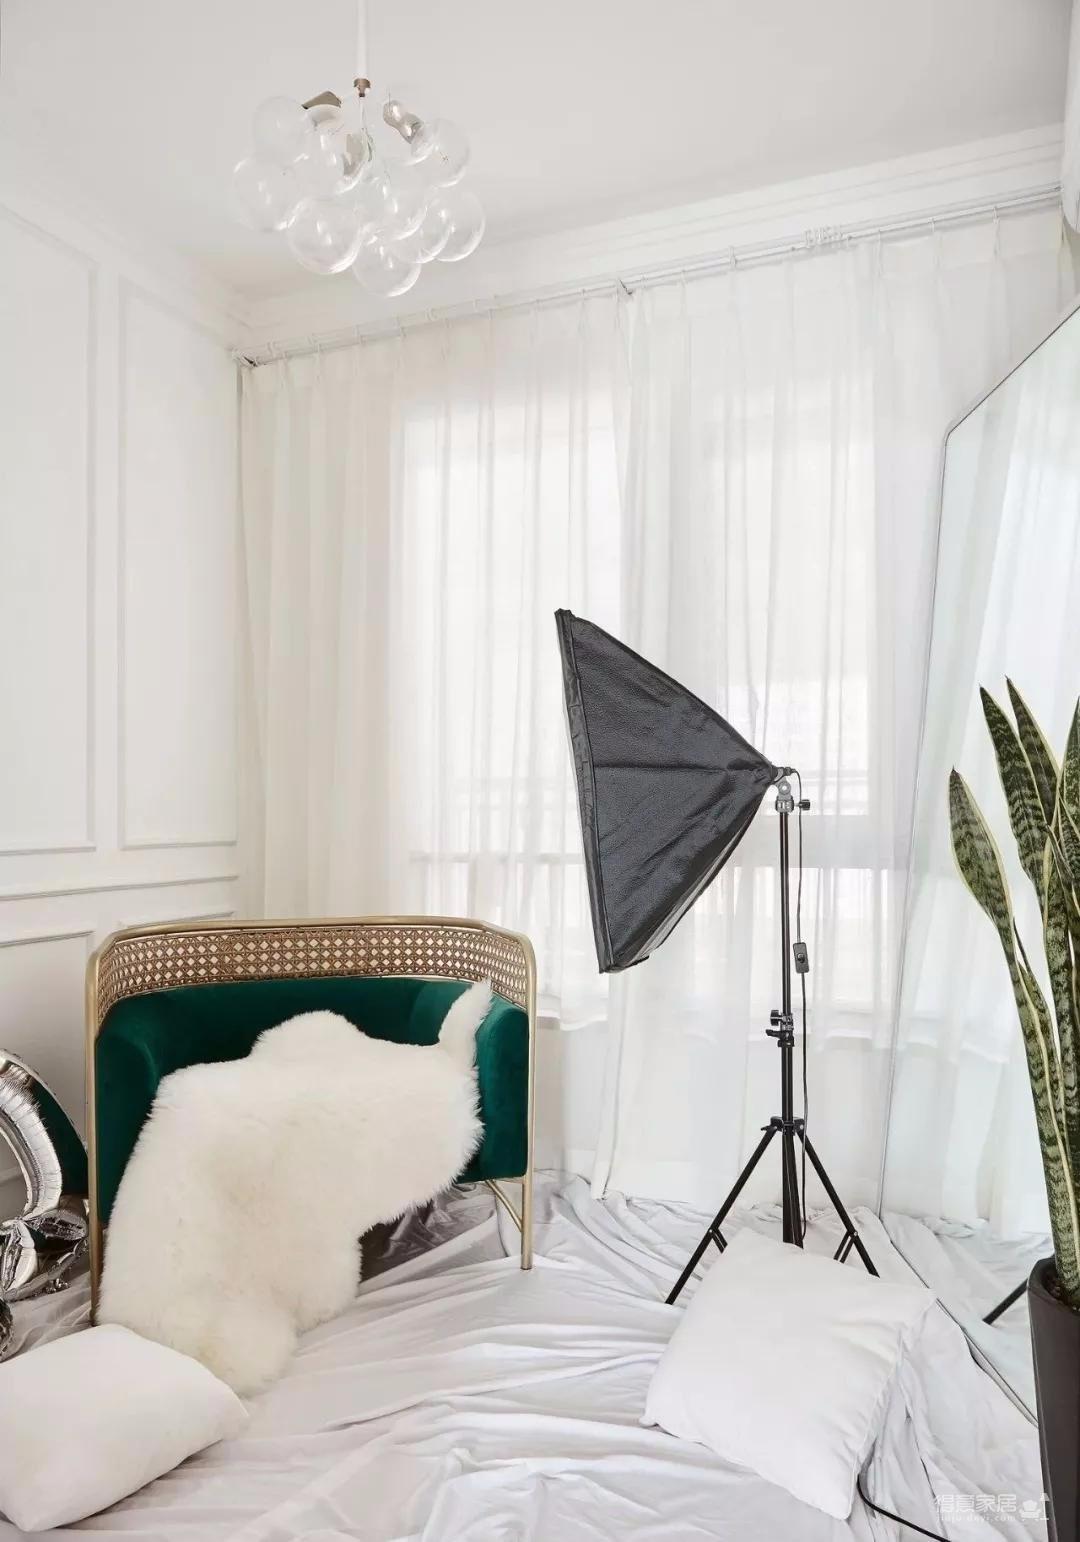 整体的硬装非常的简洁,屋主大部分的金钱都是花费在了软装上,通过这些精致的软装布置,来提升家里的格调感,打造这样一个优雅大方的家。